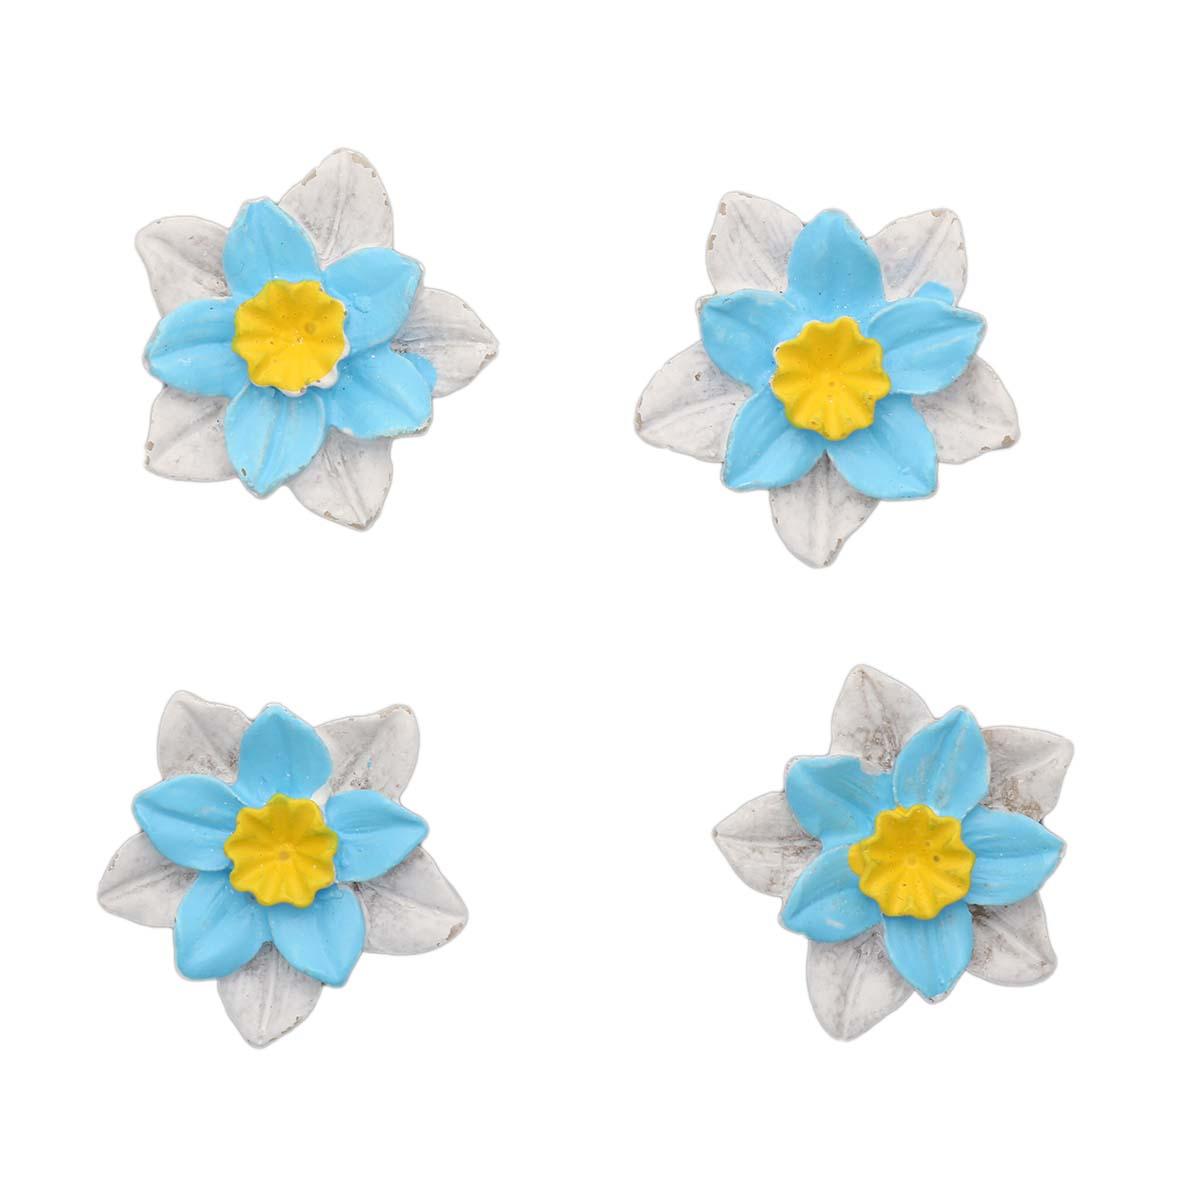 LR15 4618 Объемные фигурки 'Цветок' (полимер), бело